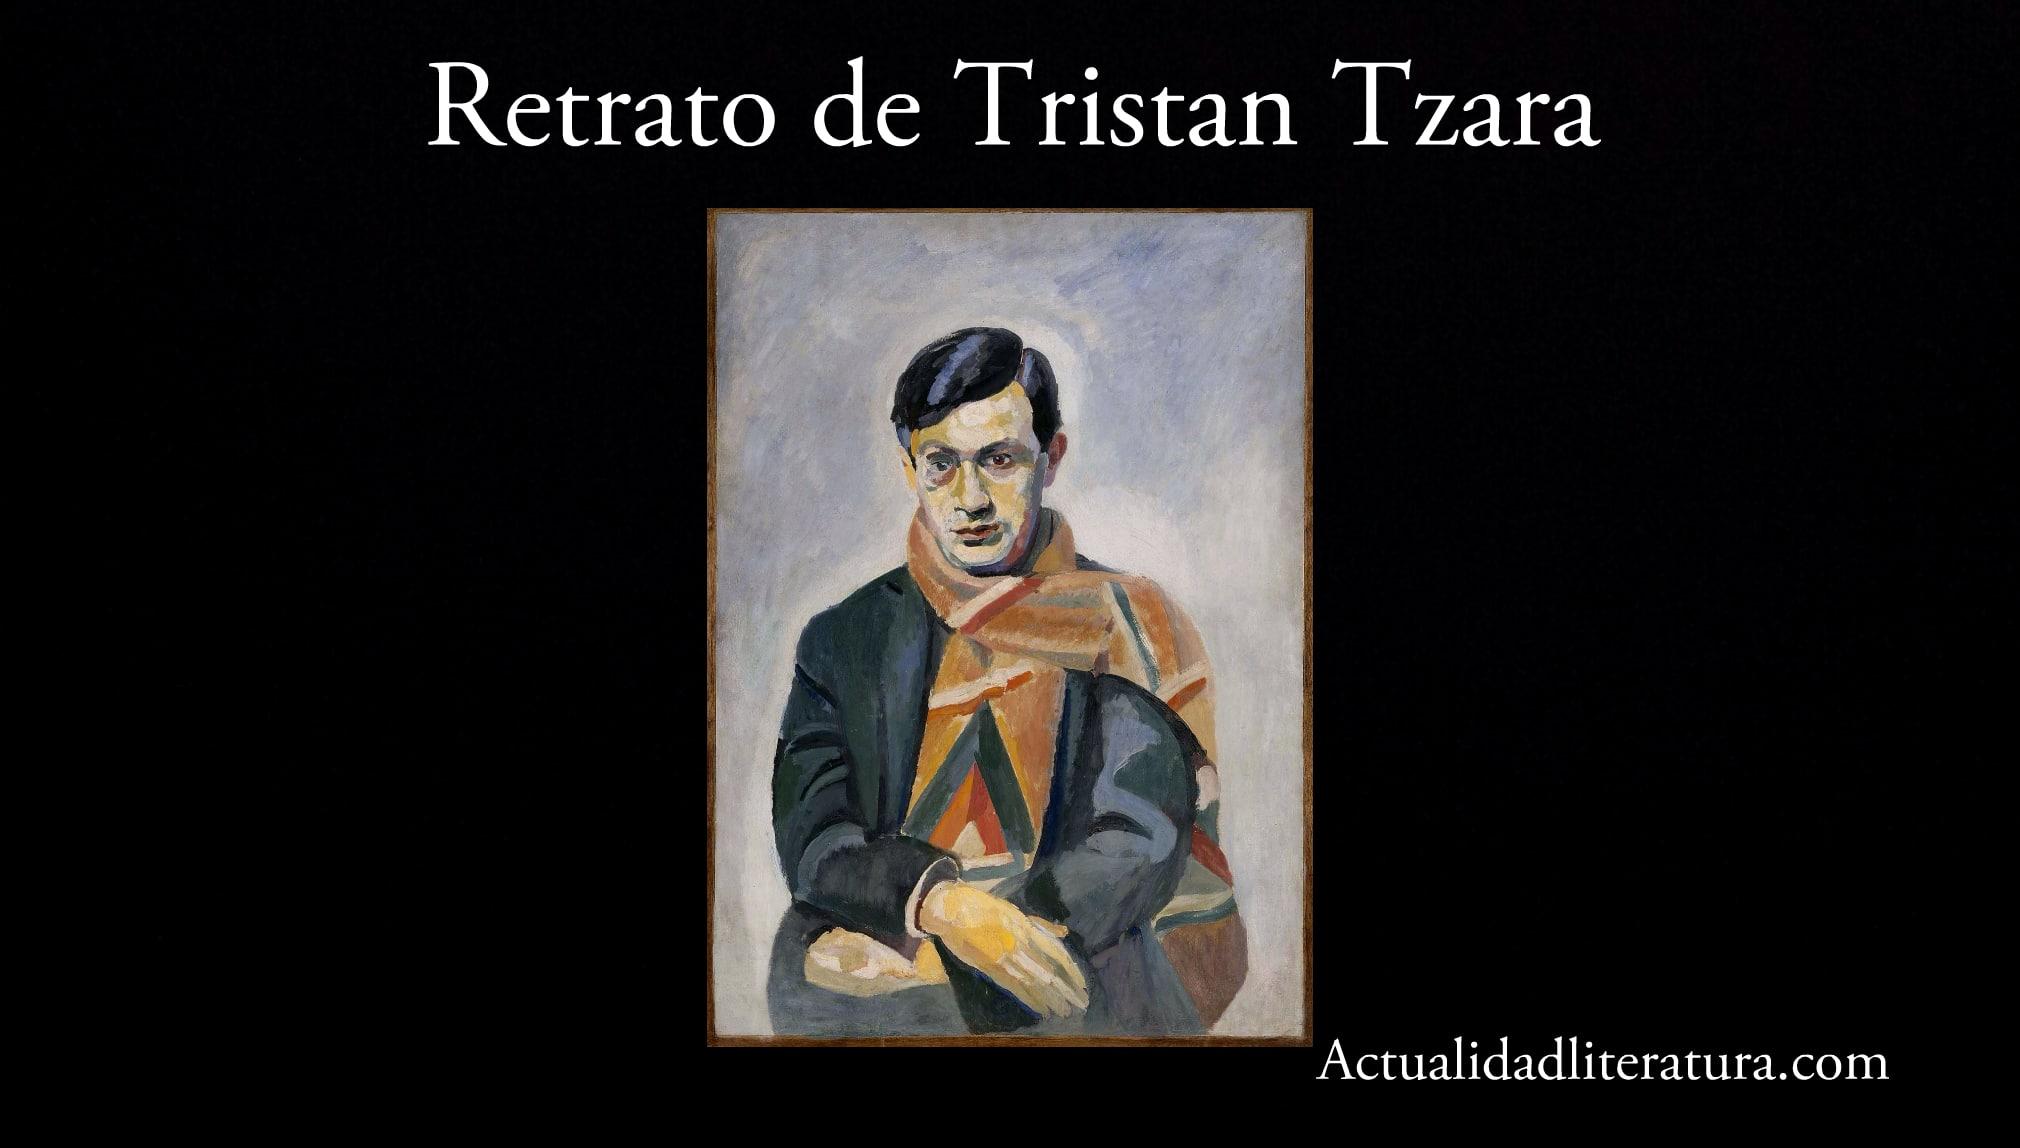 Retrato de Tristan Tzara.